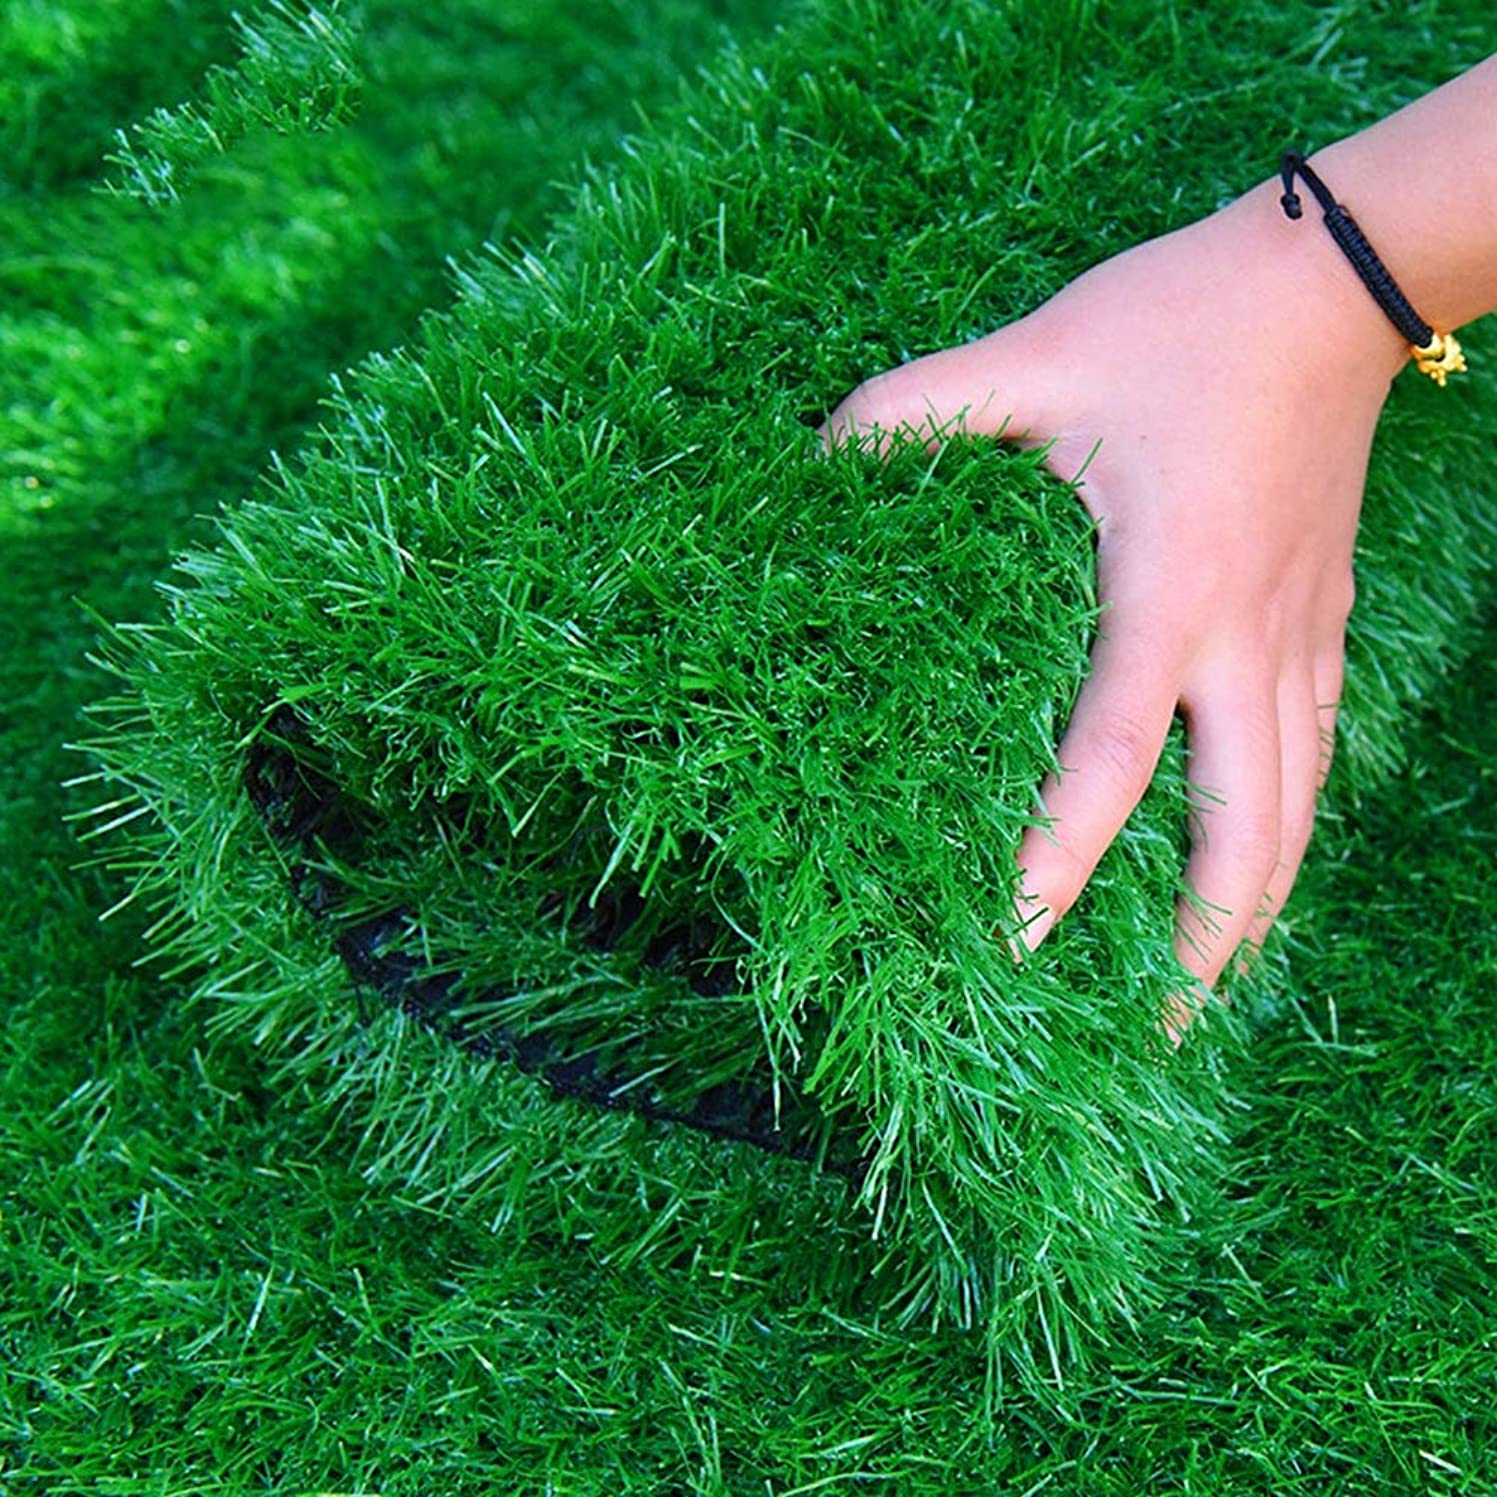 多様体ふさわしい徹底人工芝 20ミリメートル人工模擬芝生、グリーンマットサッカーフィールド人工フェイクターフ屋内プラスチックカーペットバルコニー断熱パッド装飾芝生 庭の芝生 (Size : 2 m X 4 m)